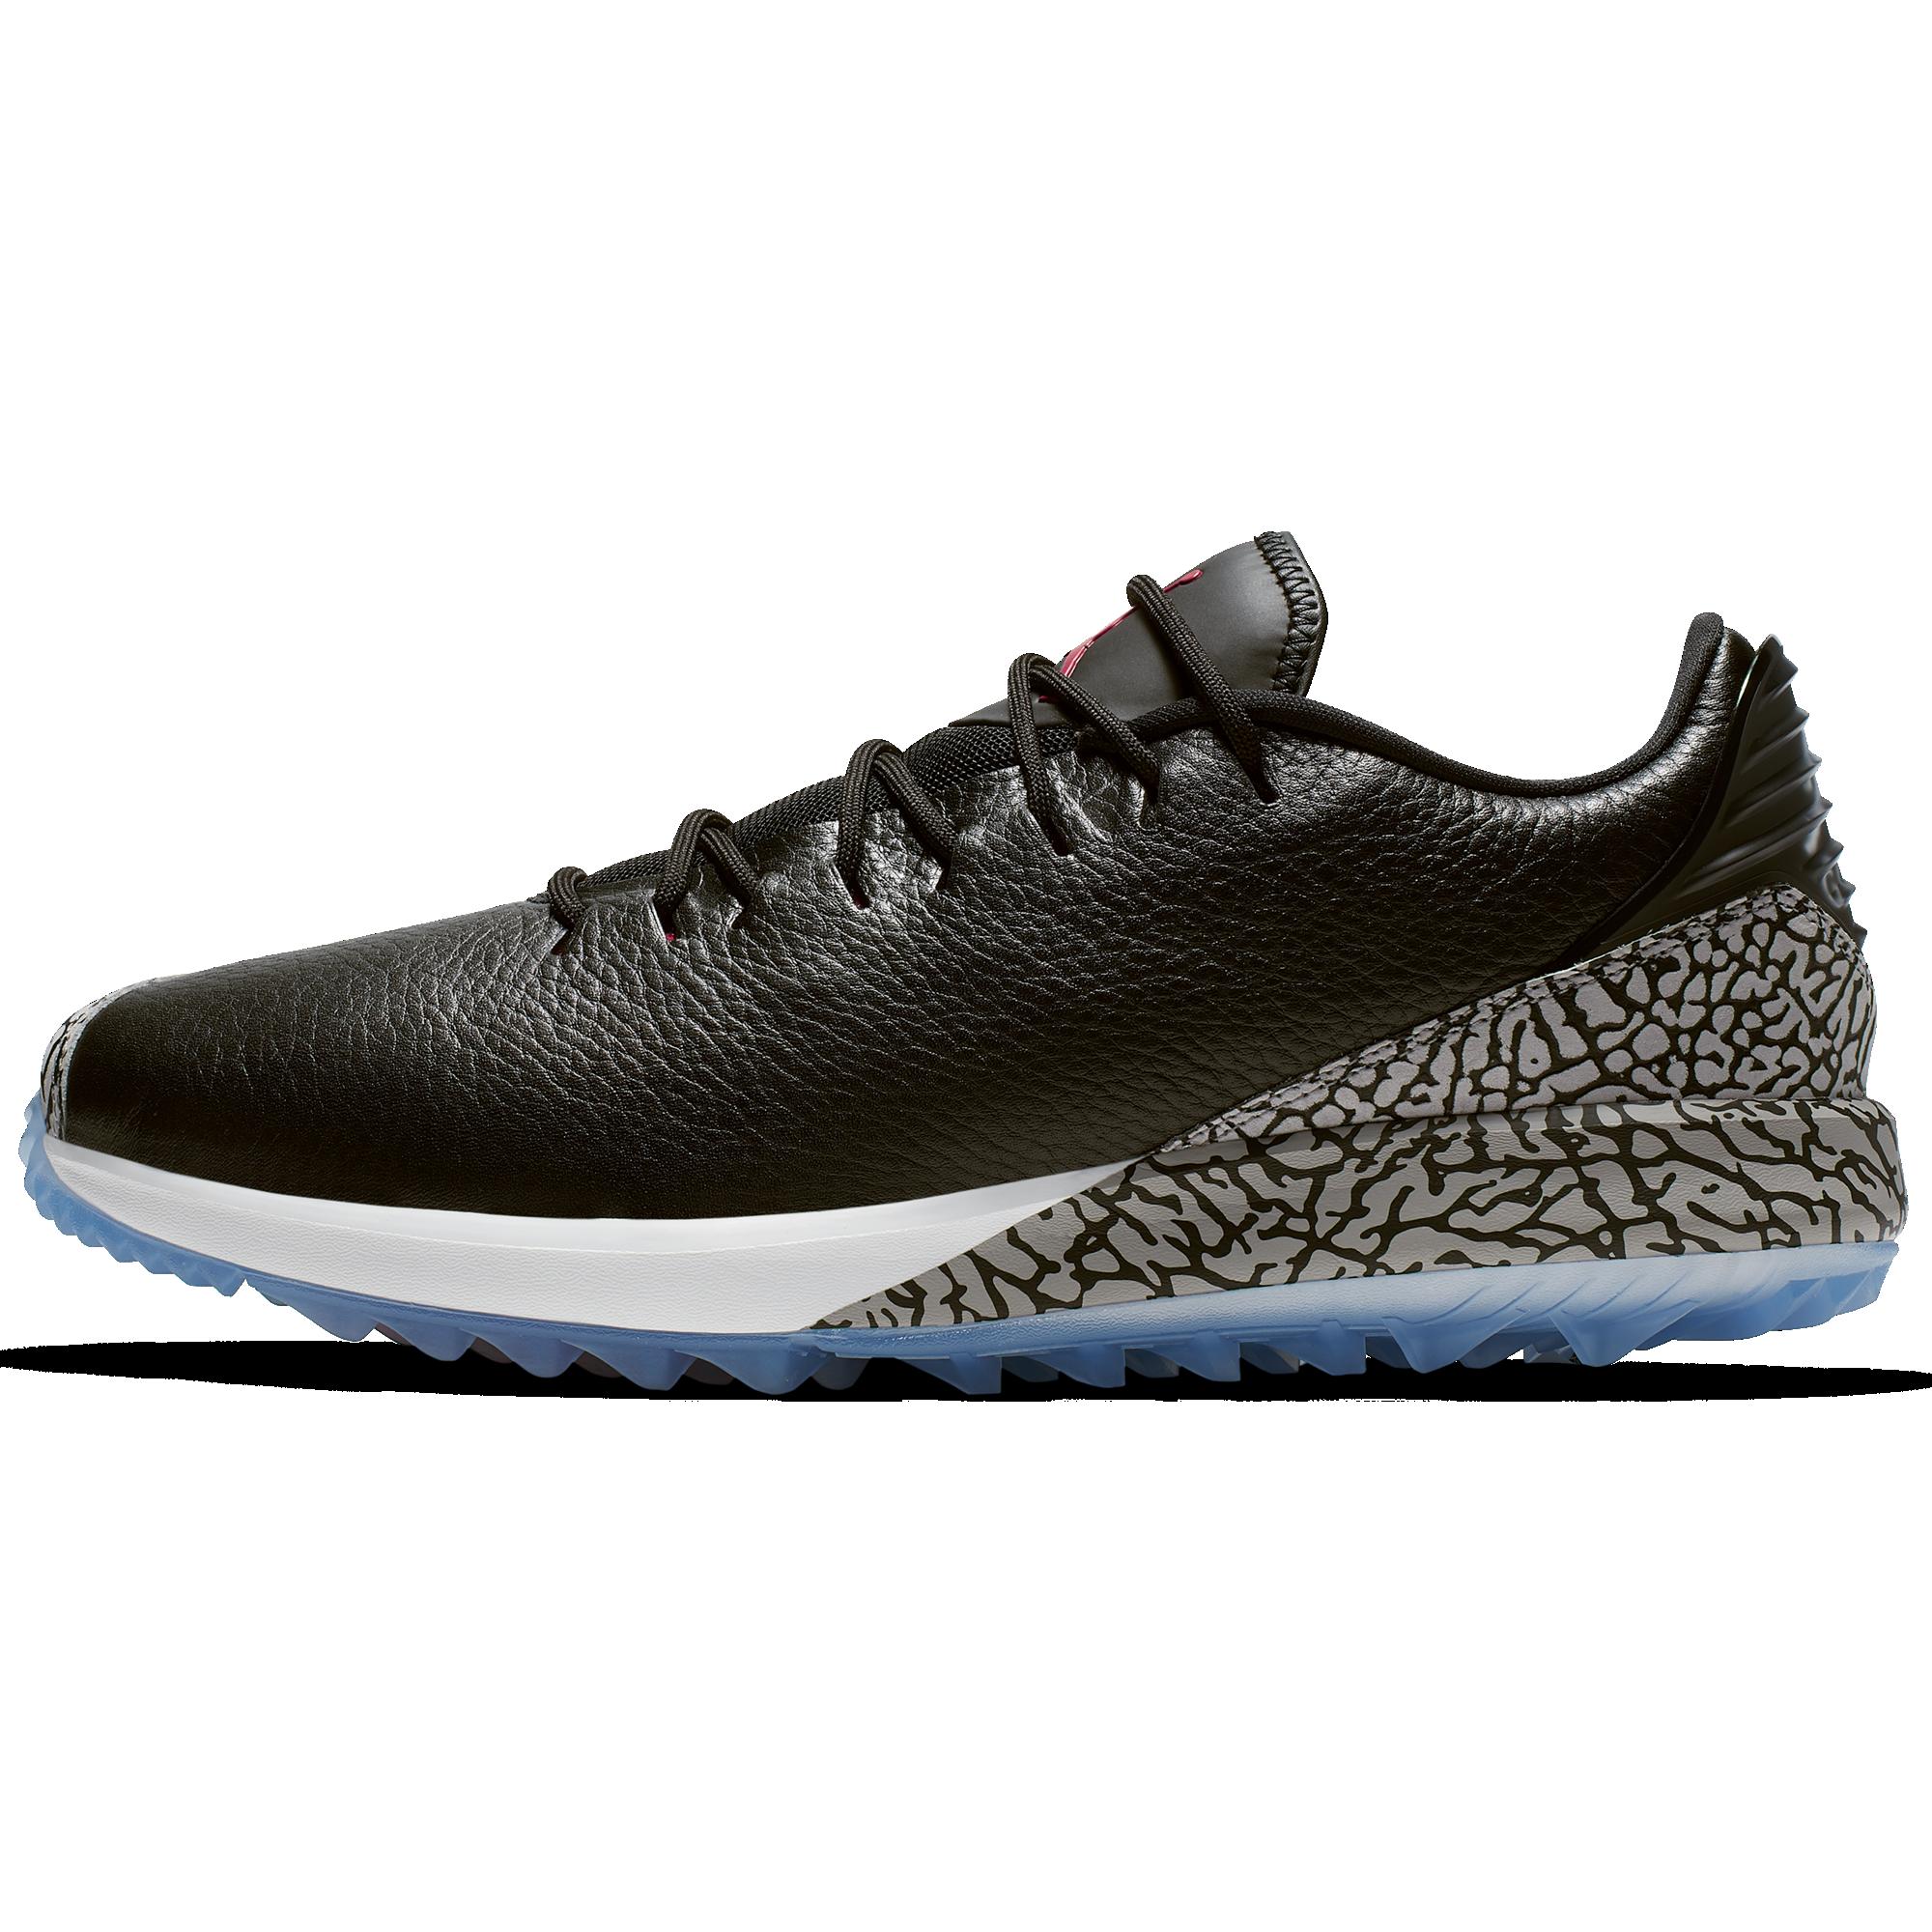 Nike Jordan ADG Spikeless Golf Shoes